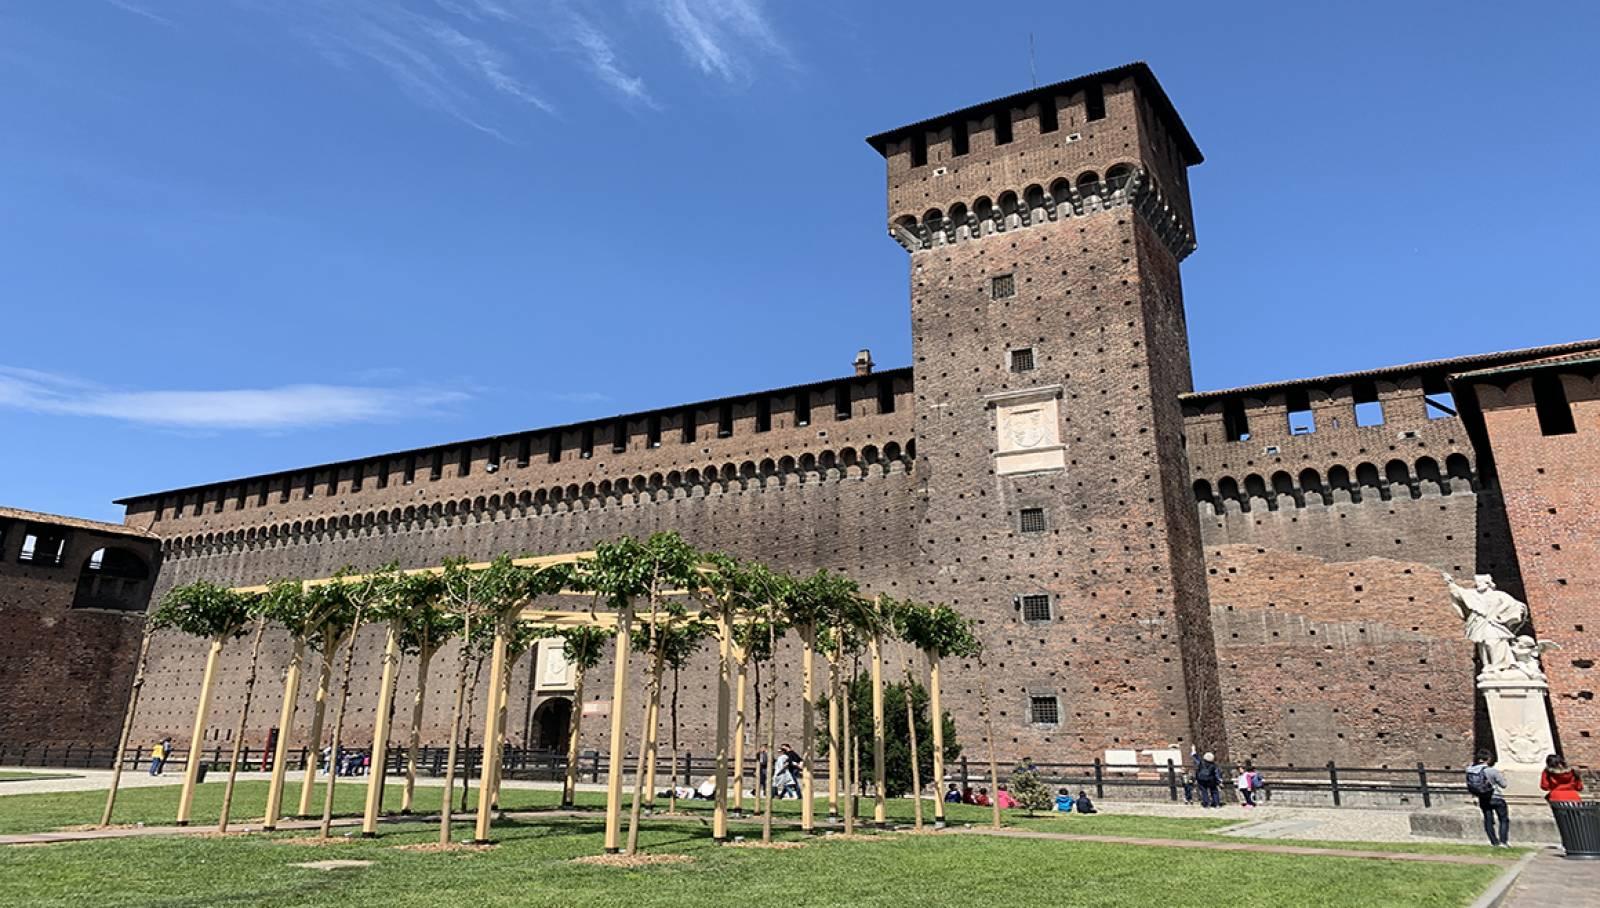 IGPDecaux Pergolato Castello Sforzesco Milano Leonardo 500